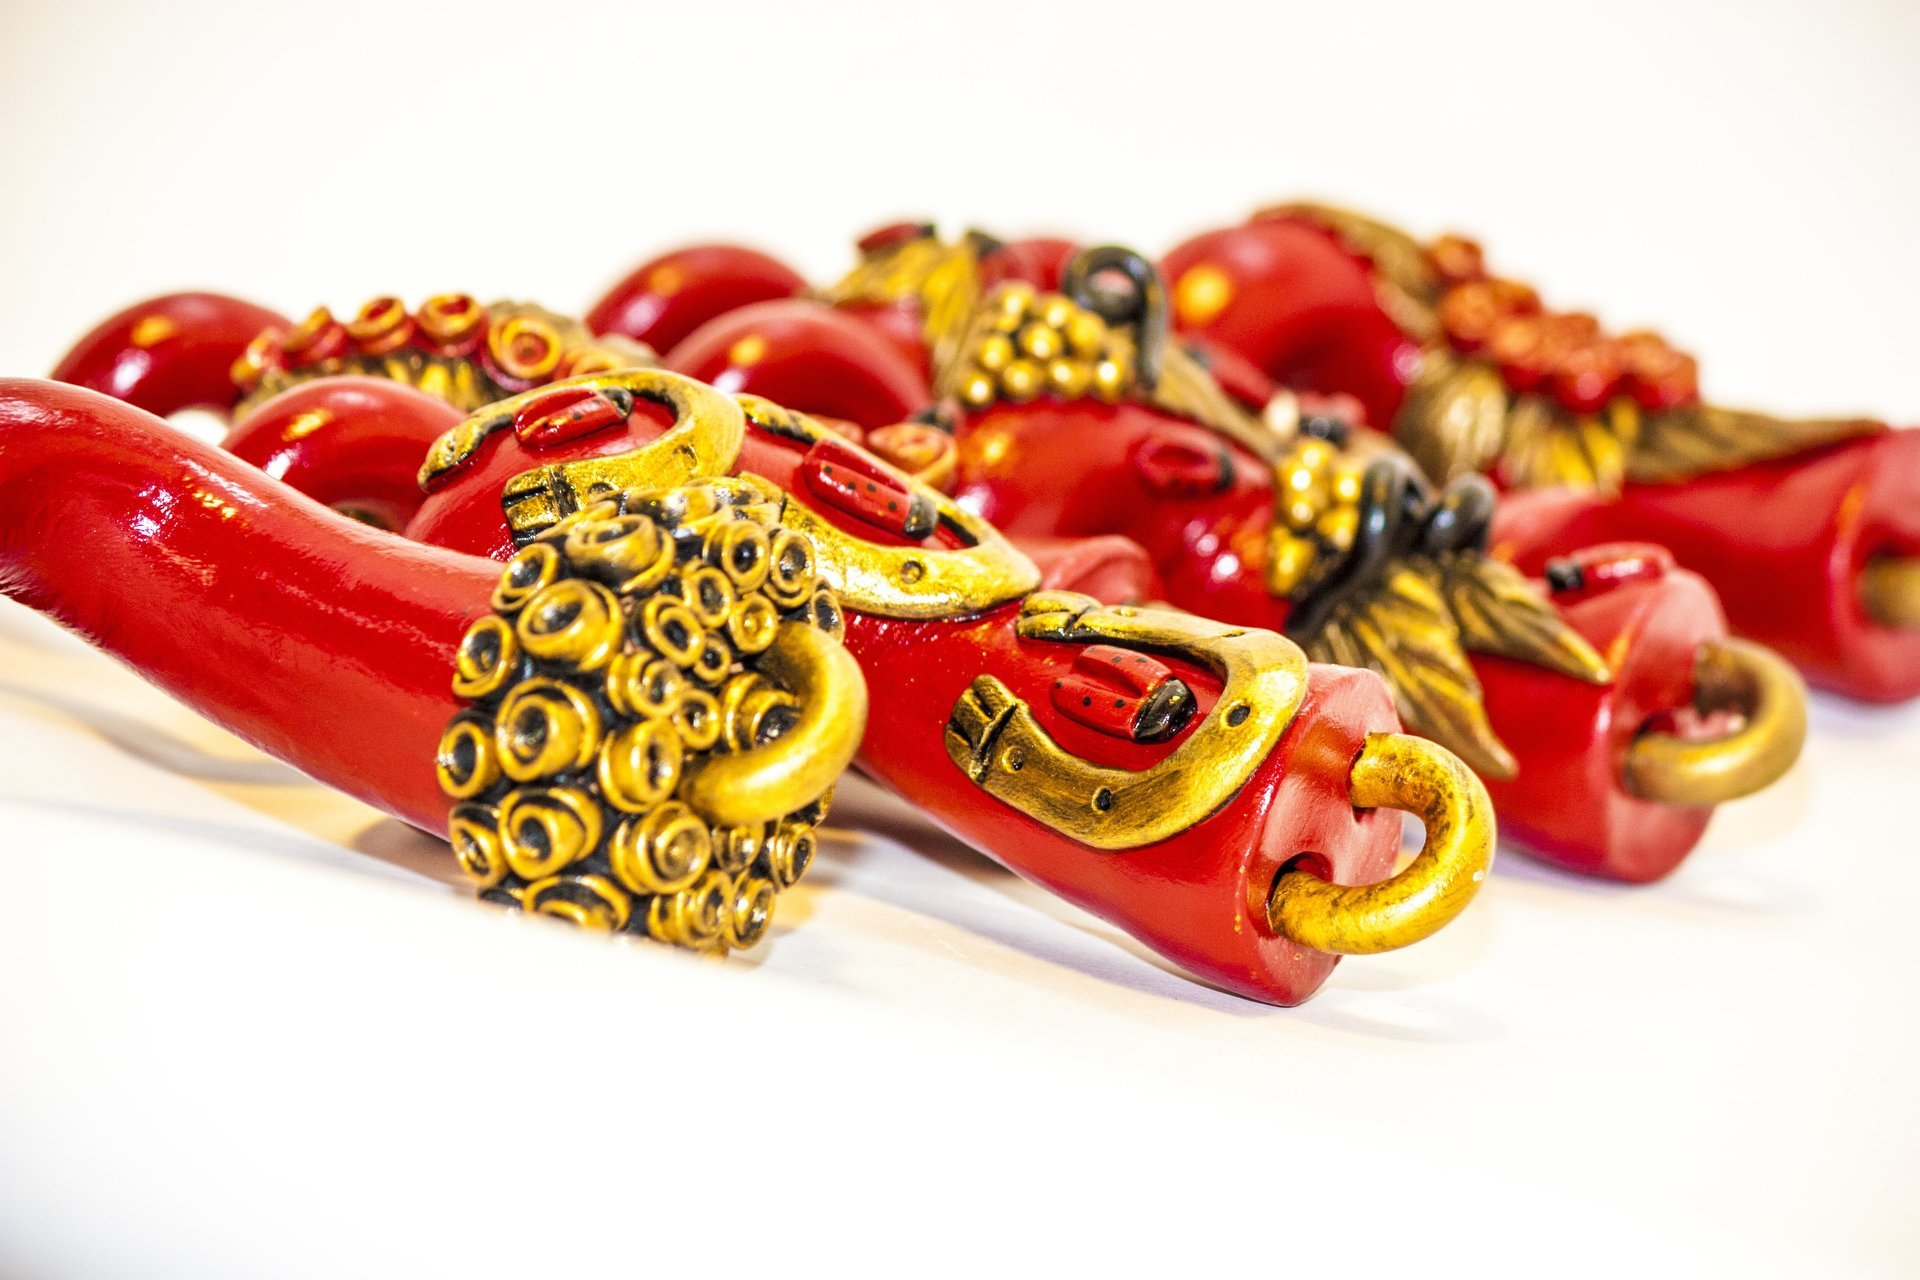 Piccoli corni rossi napoletani, hamulets tradizionali, napoli, Italia